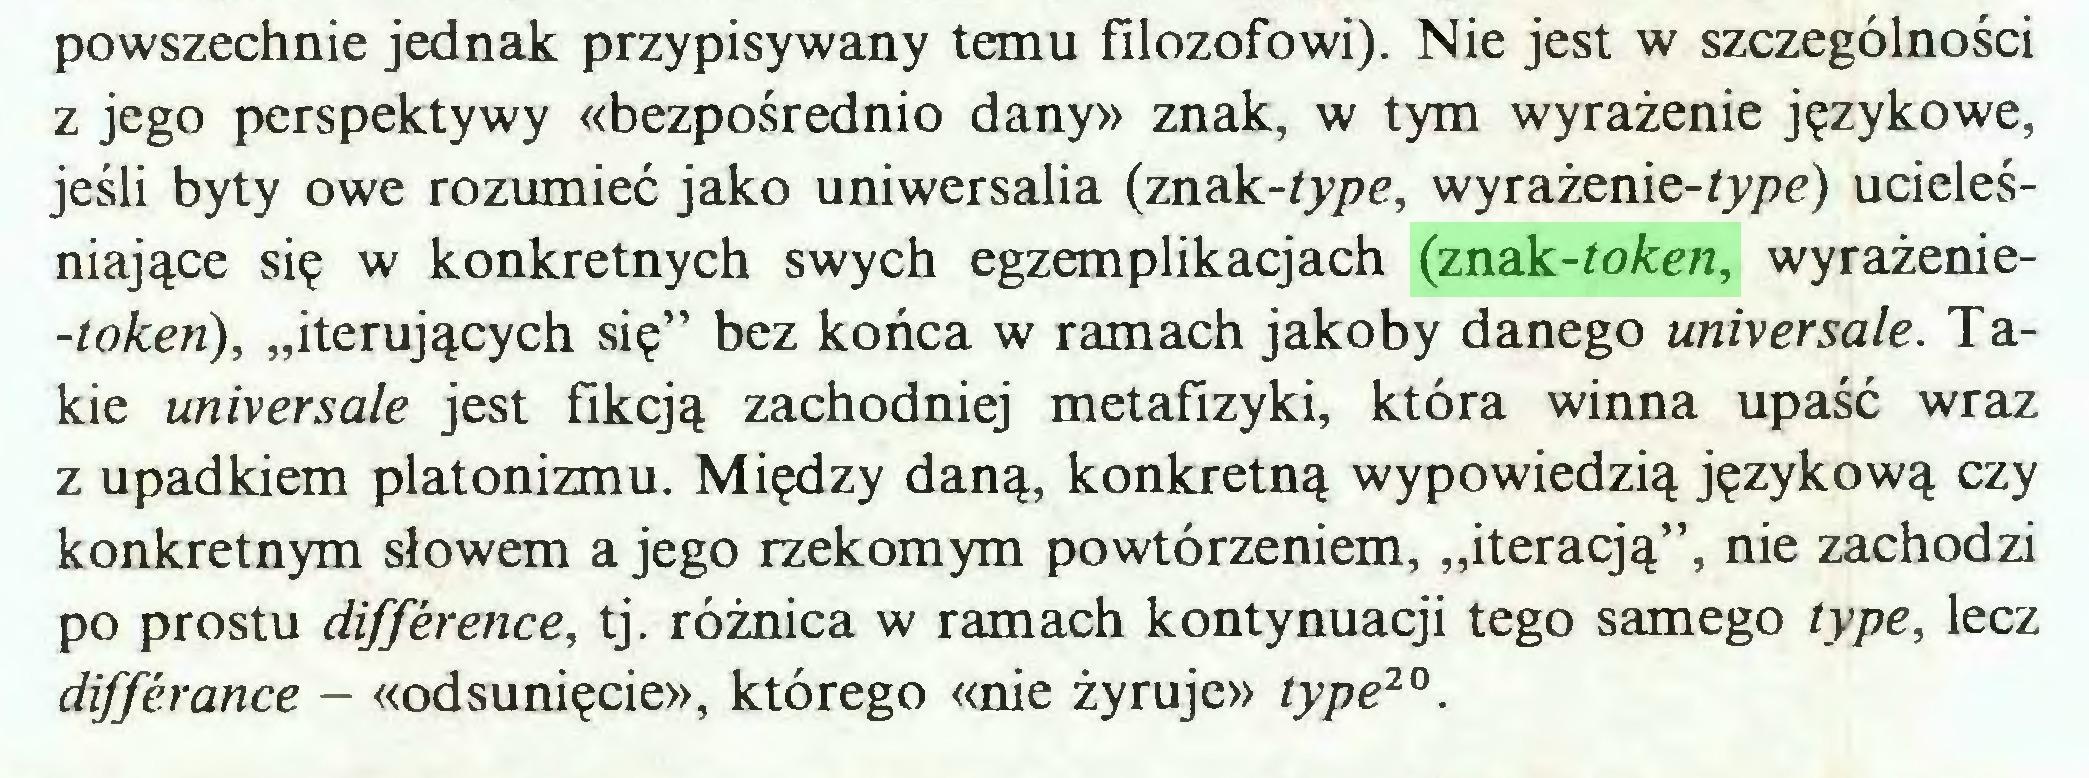 """(...) powszechnie jednak przypisywany temu filozofowi). Nie jest w szczególności z jego perspektywy «bezpośrednio dany» znak, w tym wyrażenie językowe, jeśli byty owe rozumieć jako uniwersalia (znak-type, wyrażenie-type) ucieleśniające się w konkretnych swych egzemplikacjach (znak-token, wyrażenie-tokeń), """"iterujących się"""" bez końca w ramach jakoby danego universale. Takie universale jest fikcją zachodniej metafizyki, która winna upaść wraz z upadkiem platonizmu. Między daną, konkretną wypowiedzią językową czy konkretnym słowem a jego rzekomym powtórzeniem, """"iteracją"""", nie zachodzi po prostu difference, tj. różnica w ramach kontynuaqi tego samego type, lecz differance - «odsunięcie», którego «nie żyruje» type20..."""